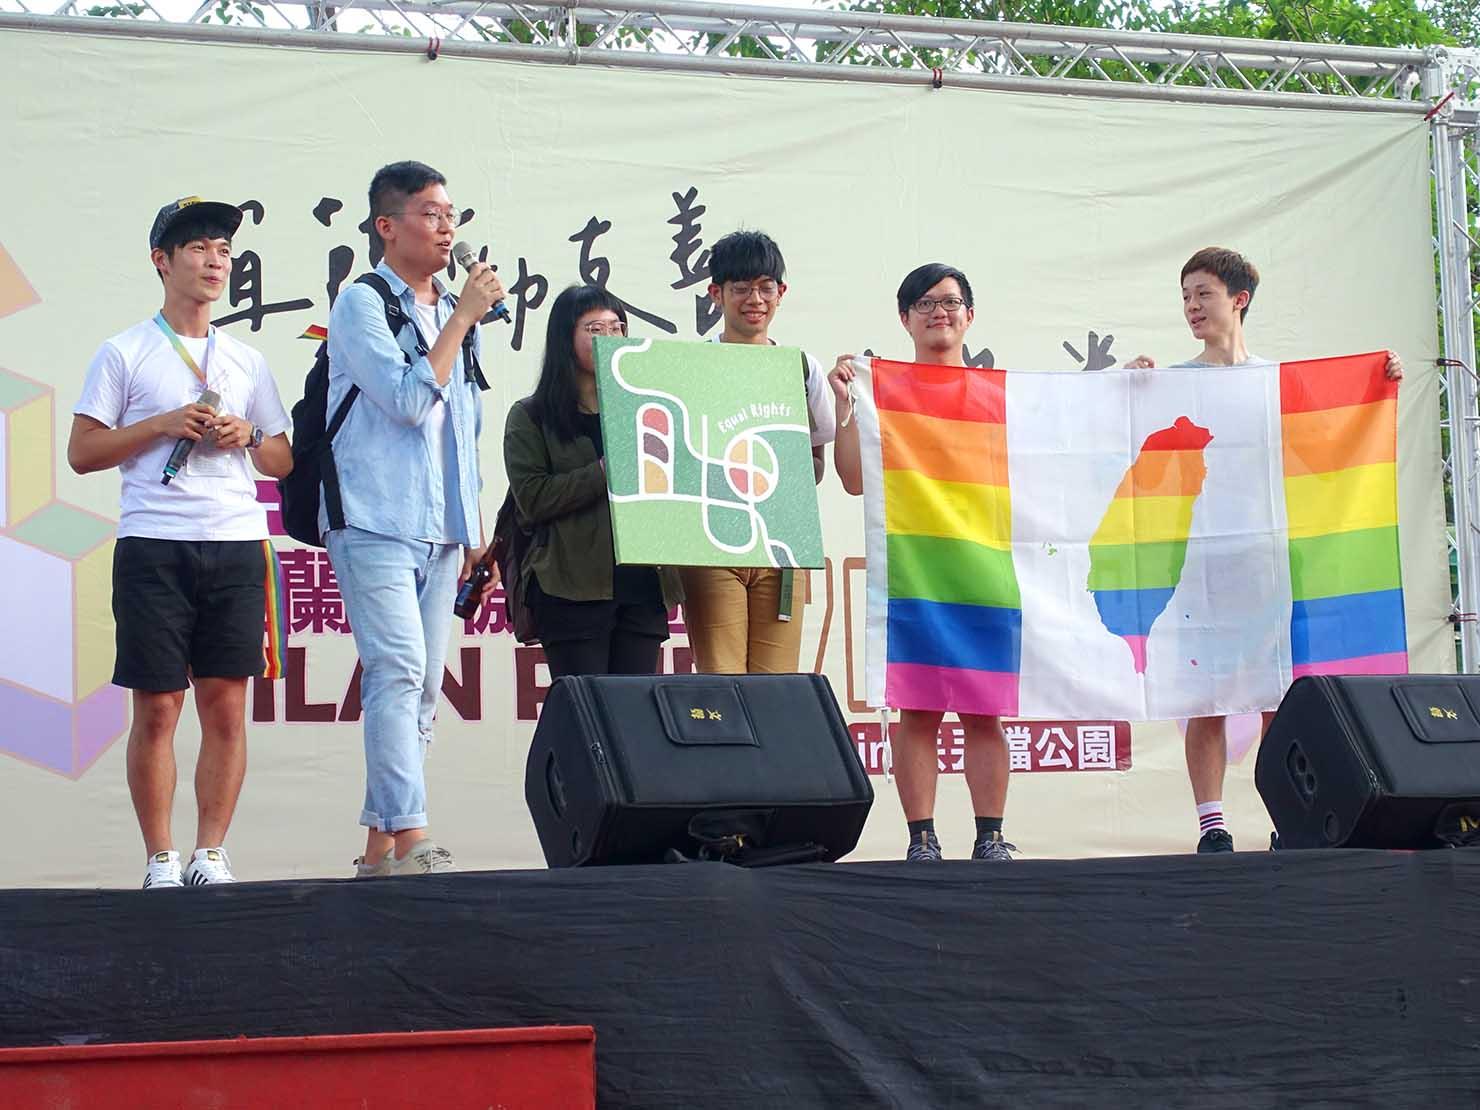 2018年台湾のLGBTプライド「宜蘭驕傲大遊行(宜蘭プライド)」のステージに立つ地元のLGBT関連グループ